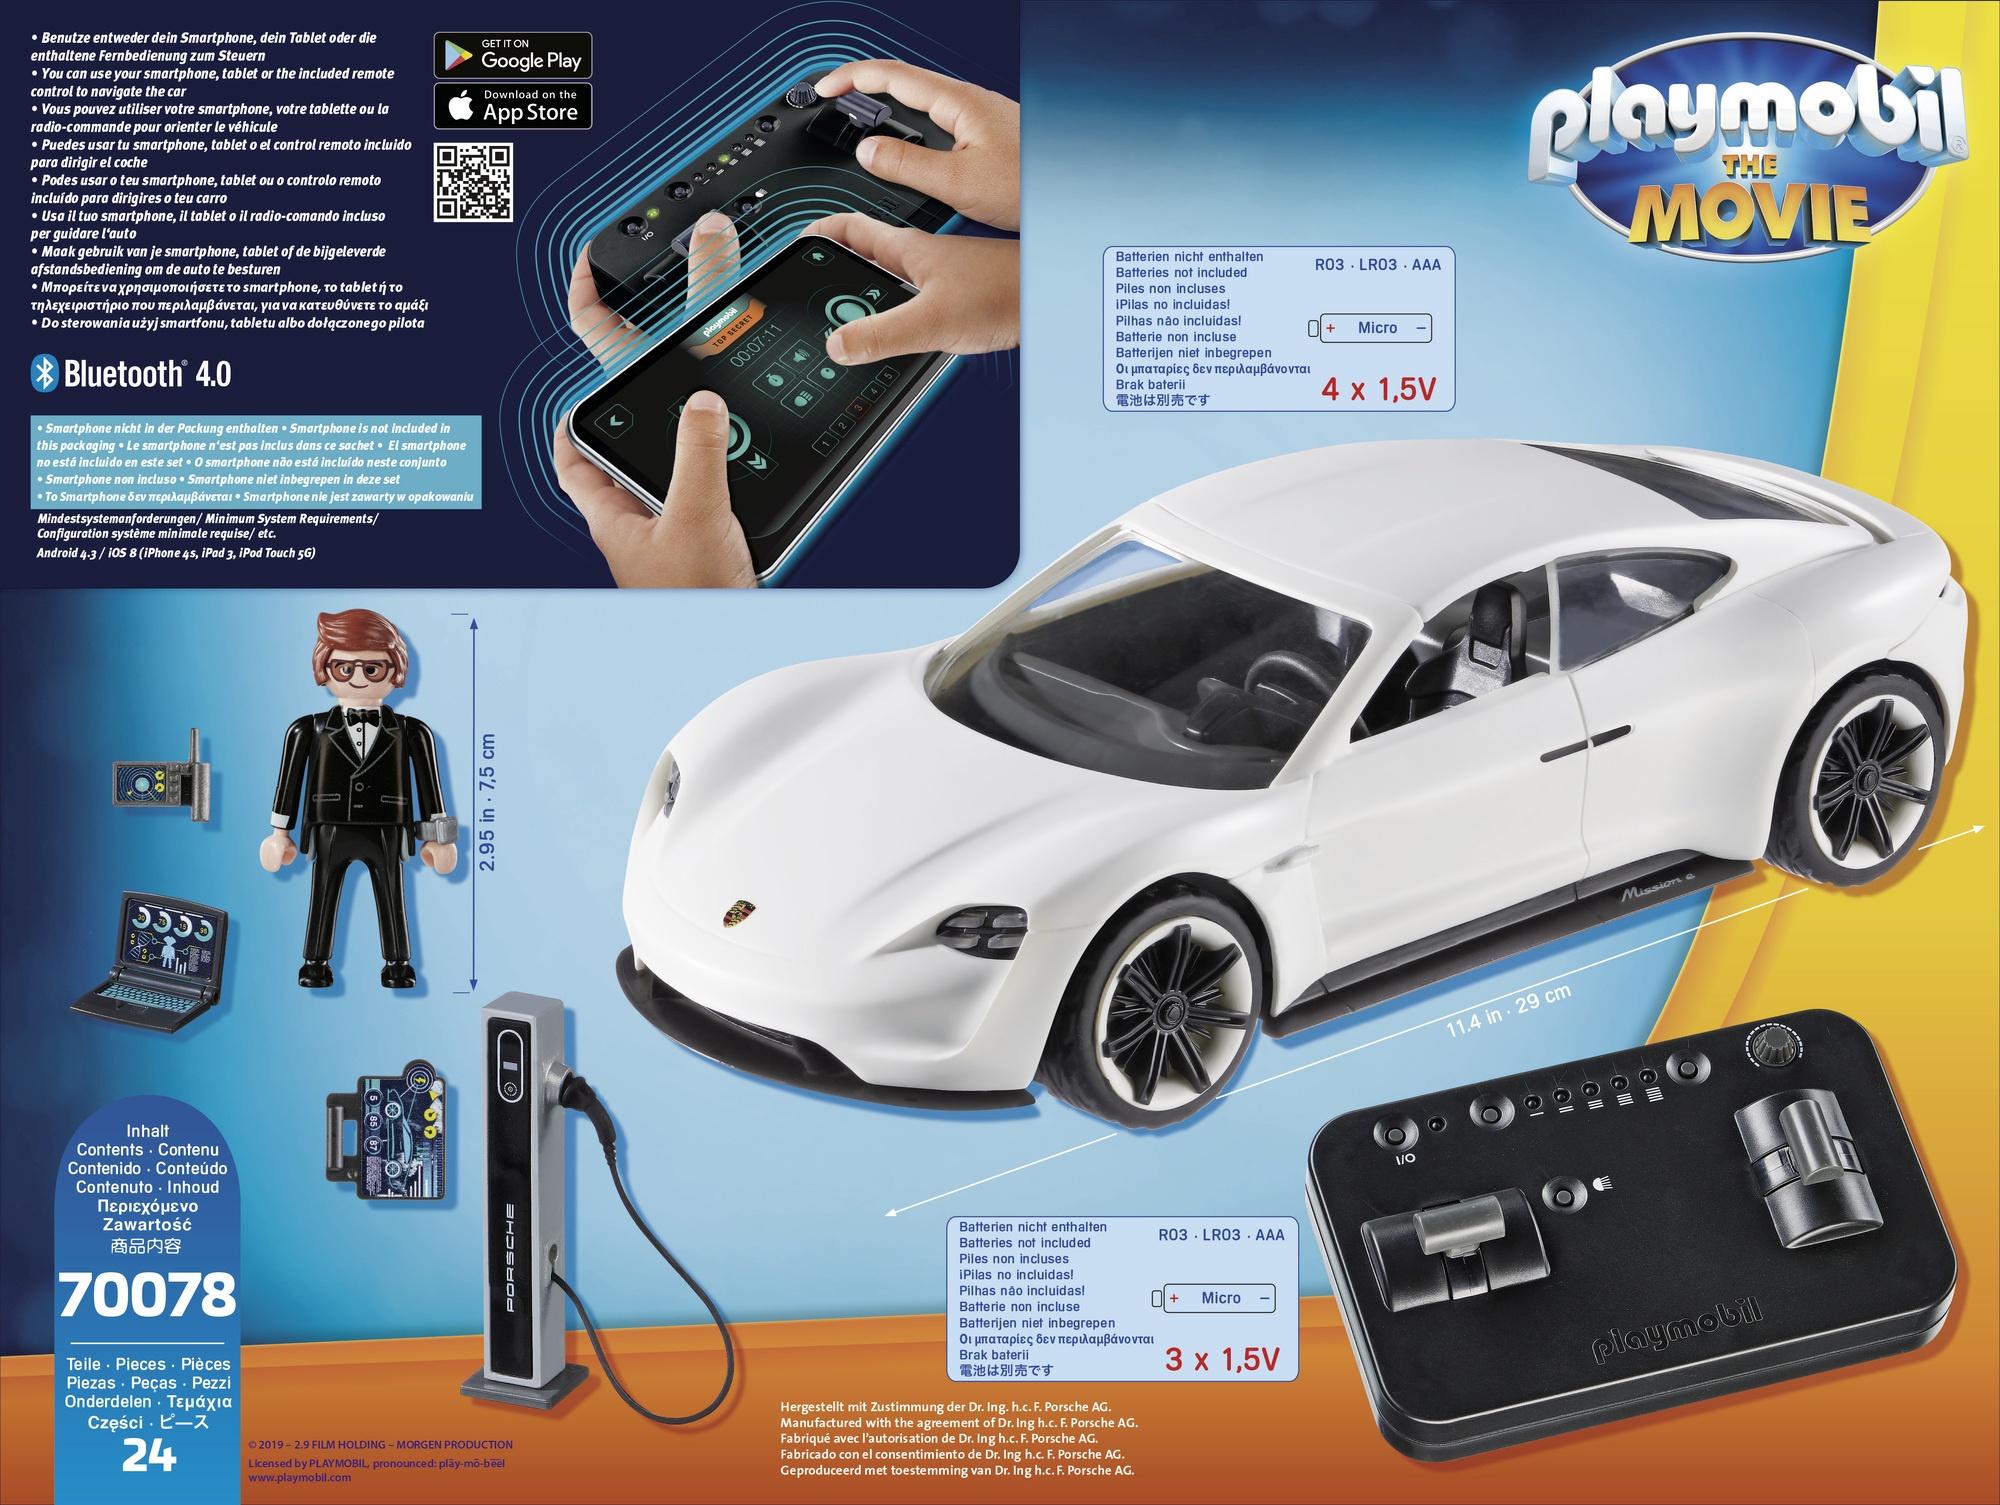 Rex dasher cu porsche mission playmobil movie - 1